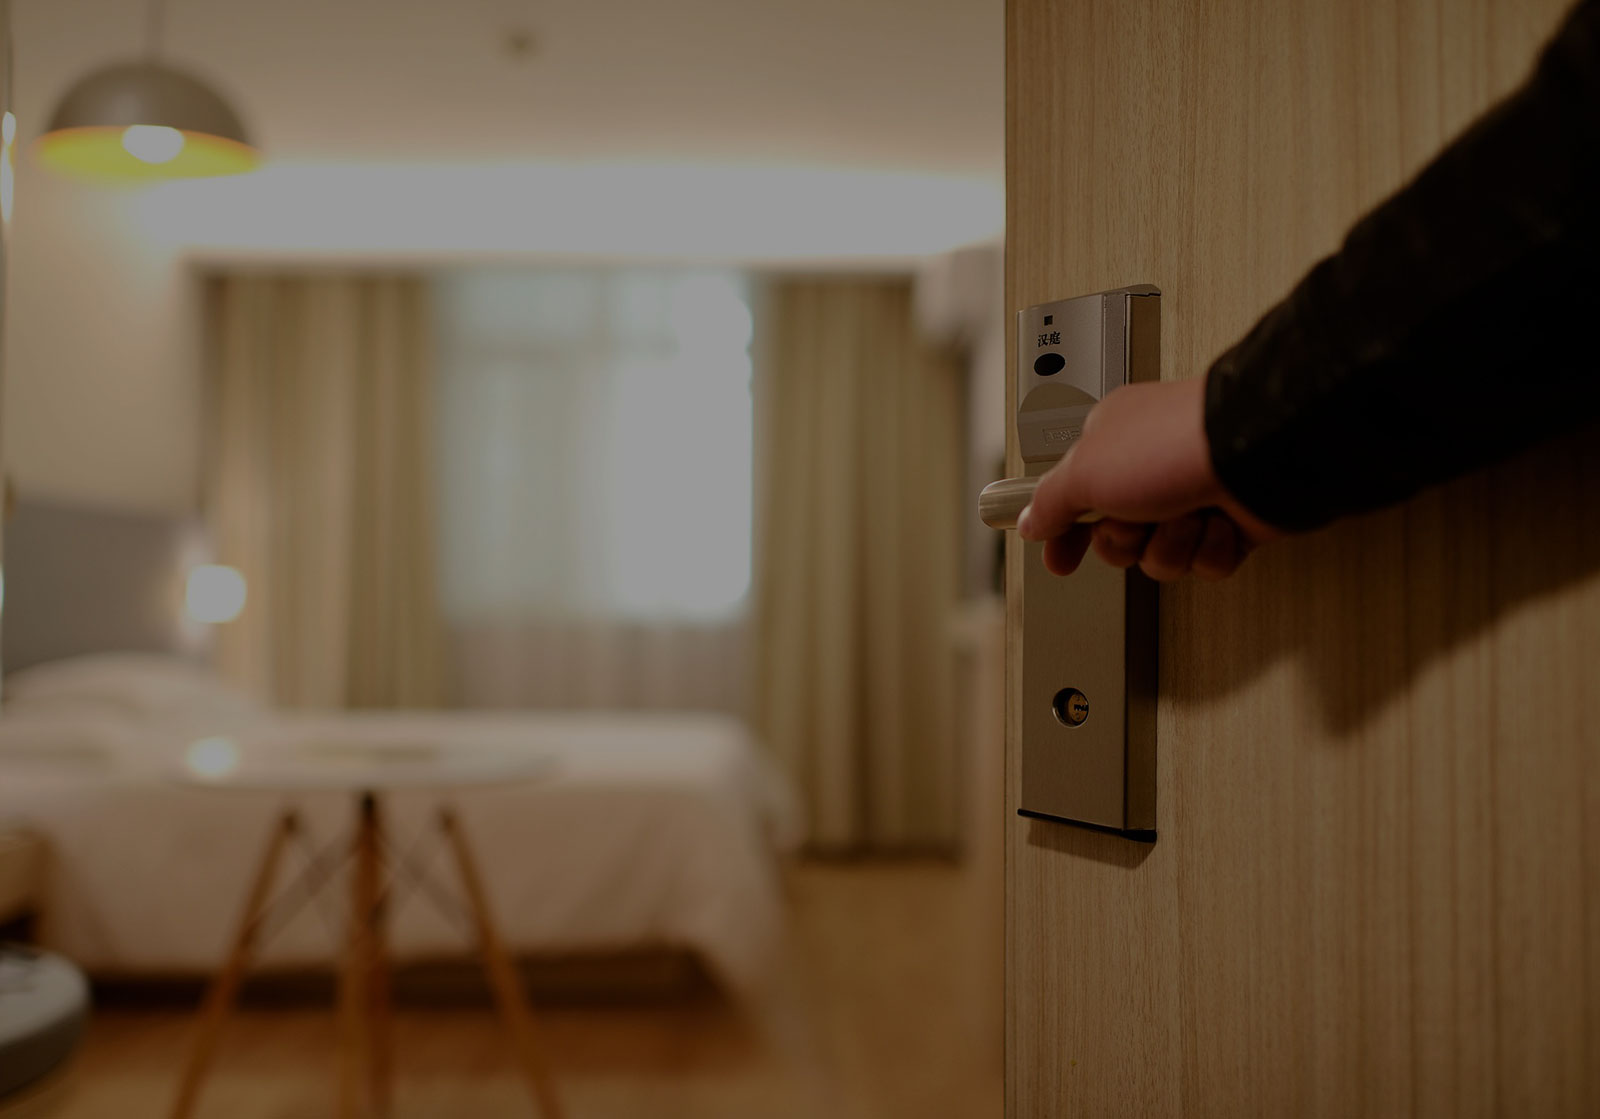 Smart Locks for Hotels in Dubai